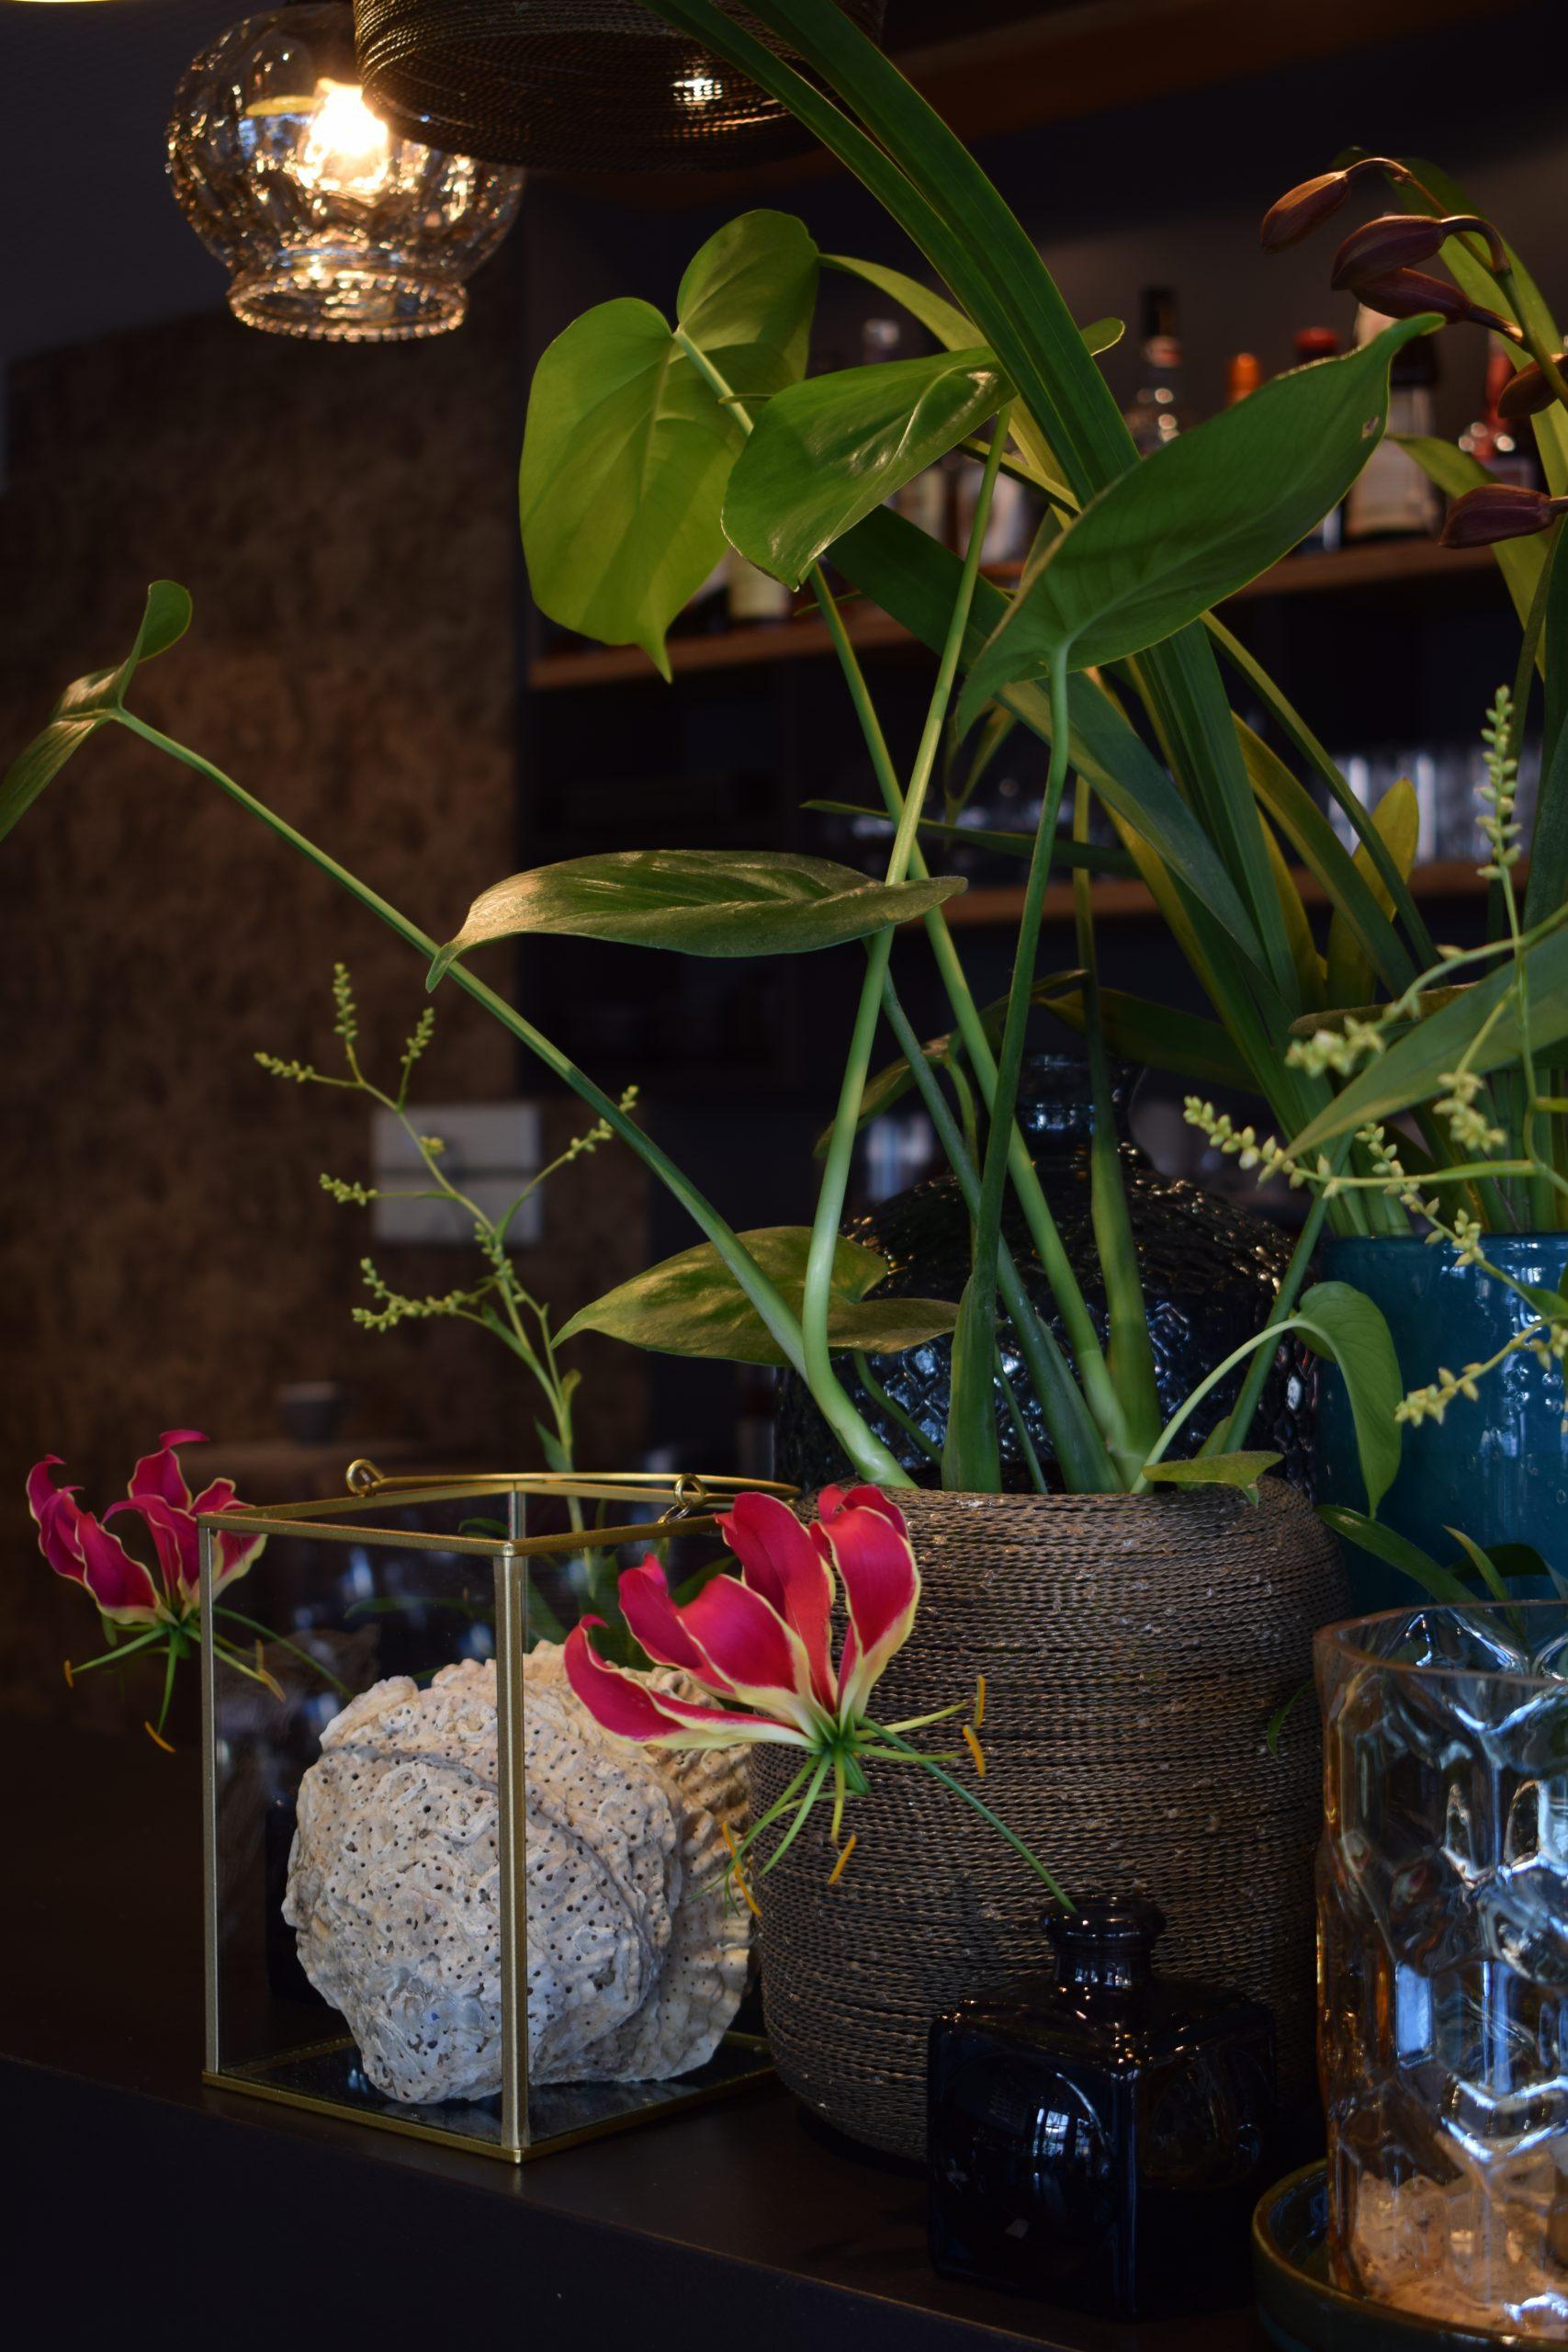 Bar opgemaakt met bloemen en decoratie